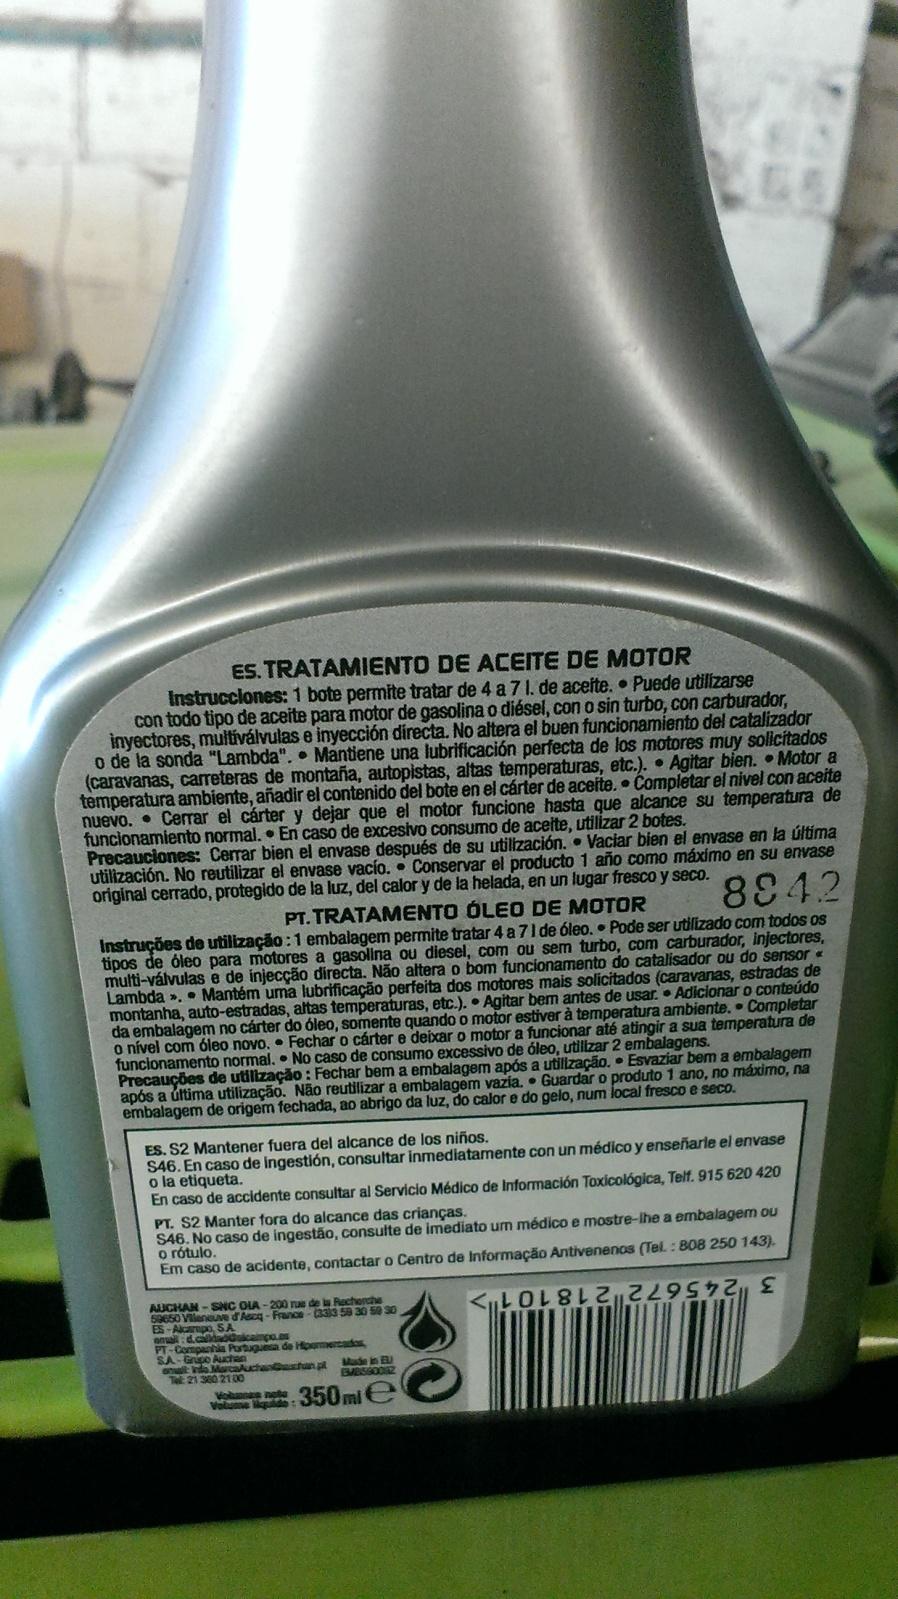 Limpieza del motor facil y nuevo aceite ( recomendado para niva 1600/1700) Nvo9hd